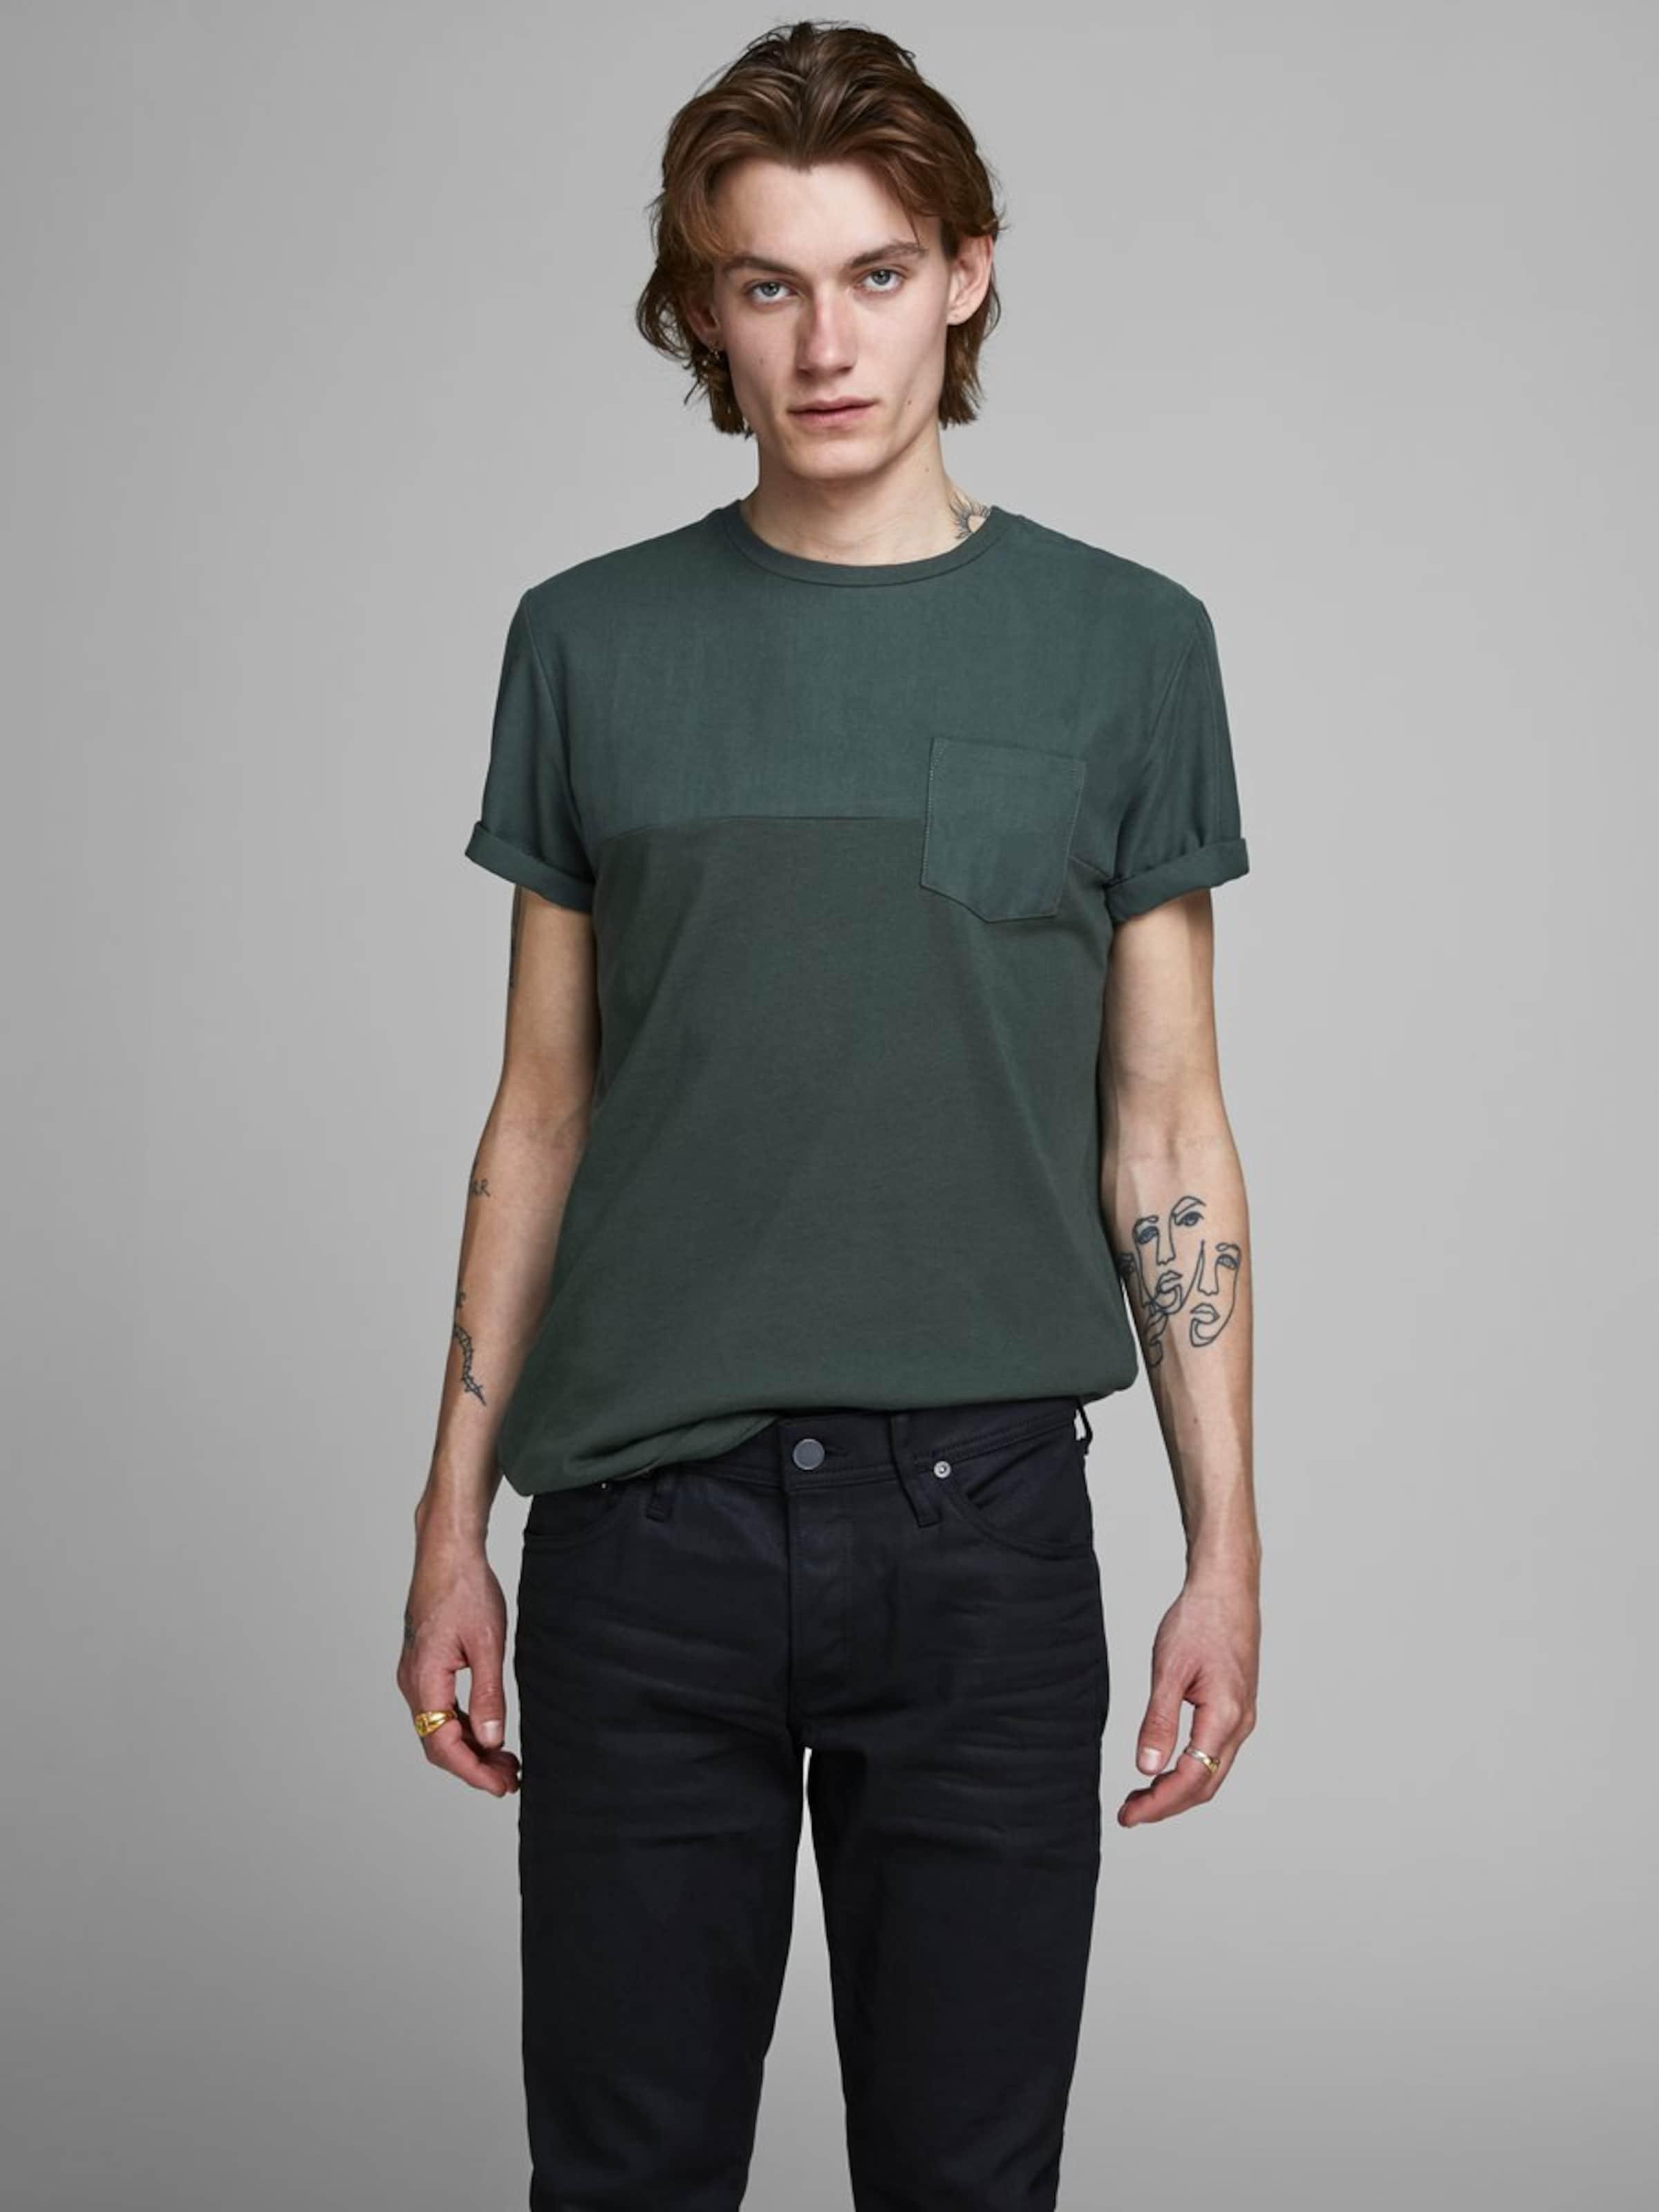 Jackamp; En T shirt Jones Sapin Yf7vgyIb6m